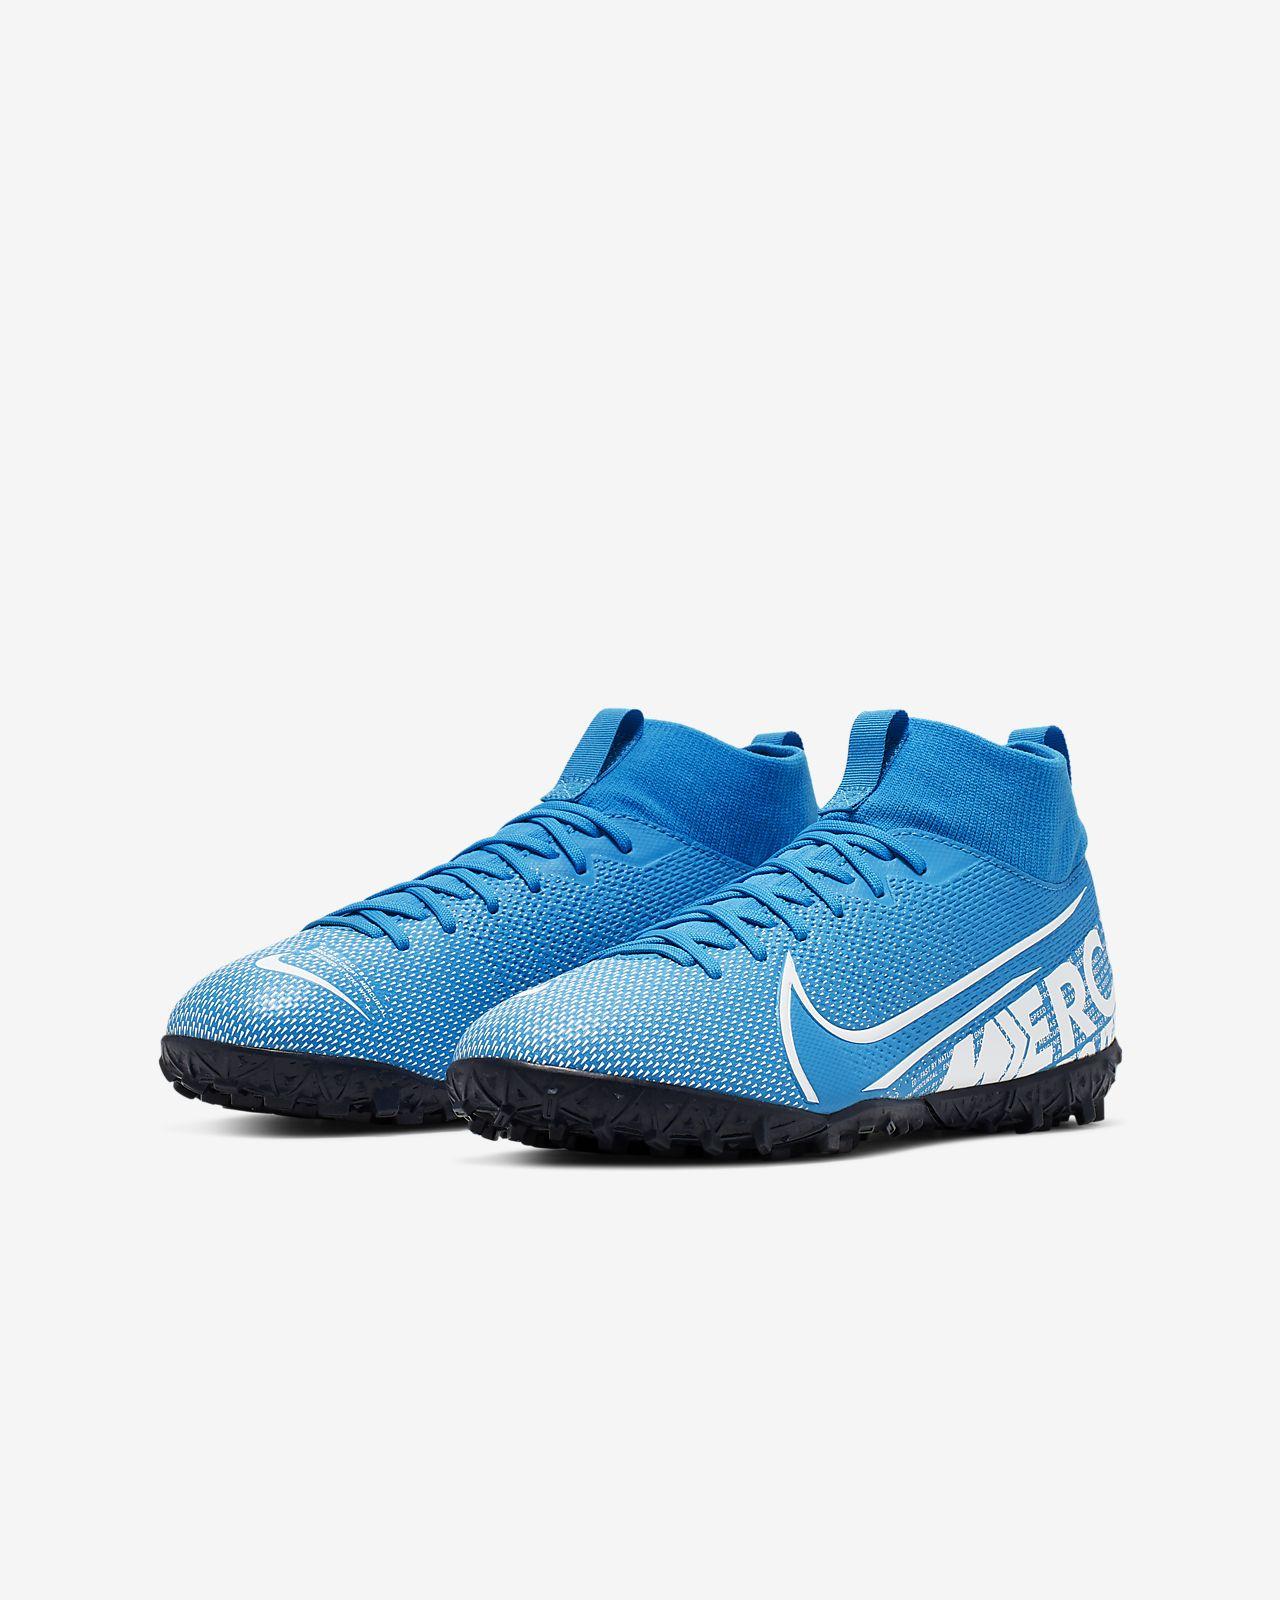 Nike Jr. Mercurial Superfly 7 Academy TF Fußballschuh für Kunstrasen für jüngereältere Kinder